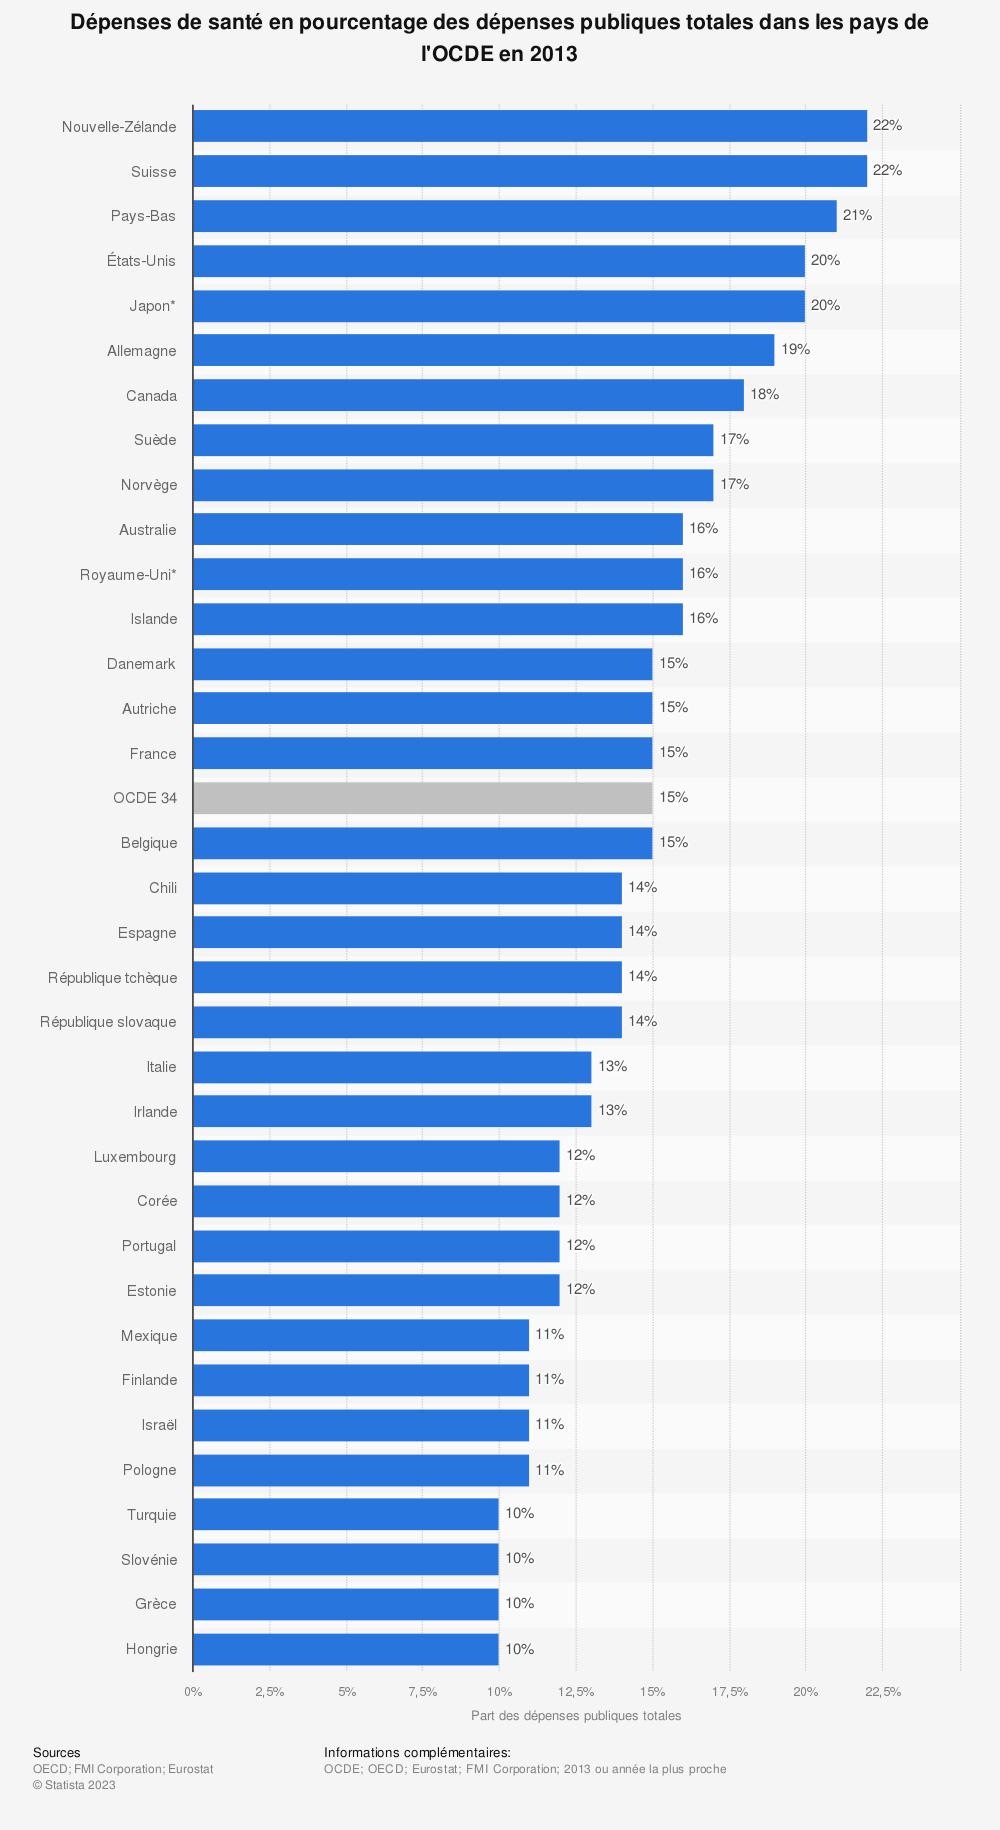 Statistique: Dépenses de santé en pourcentage des dépenses publiques totales dans les pays de l'OCDE en 2013 | Statista